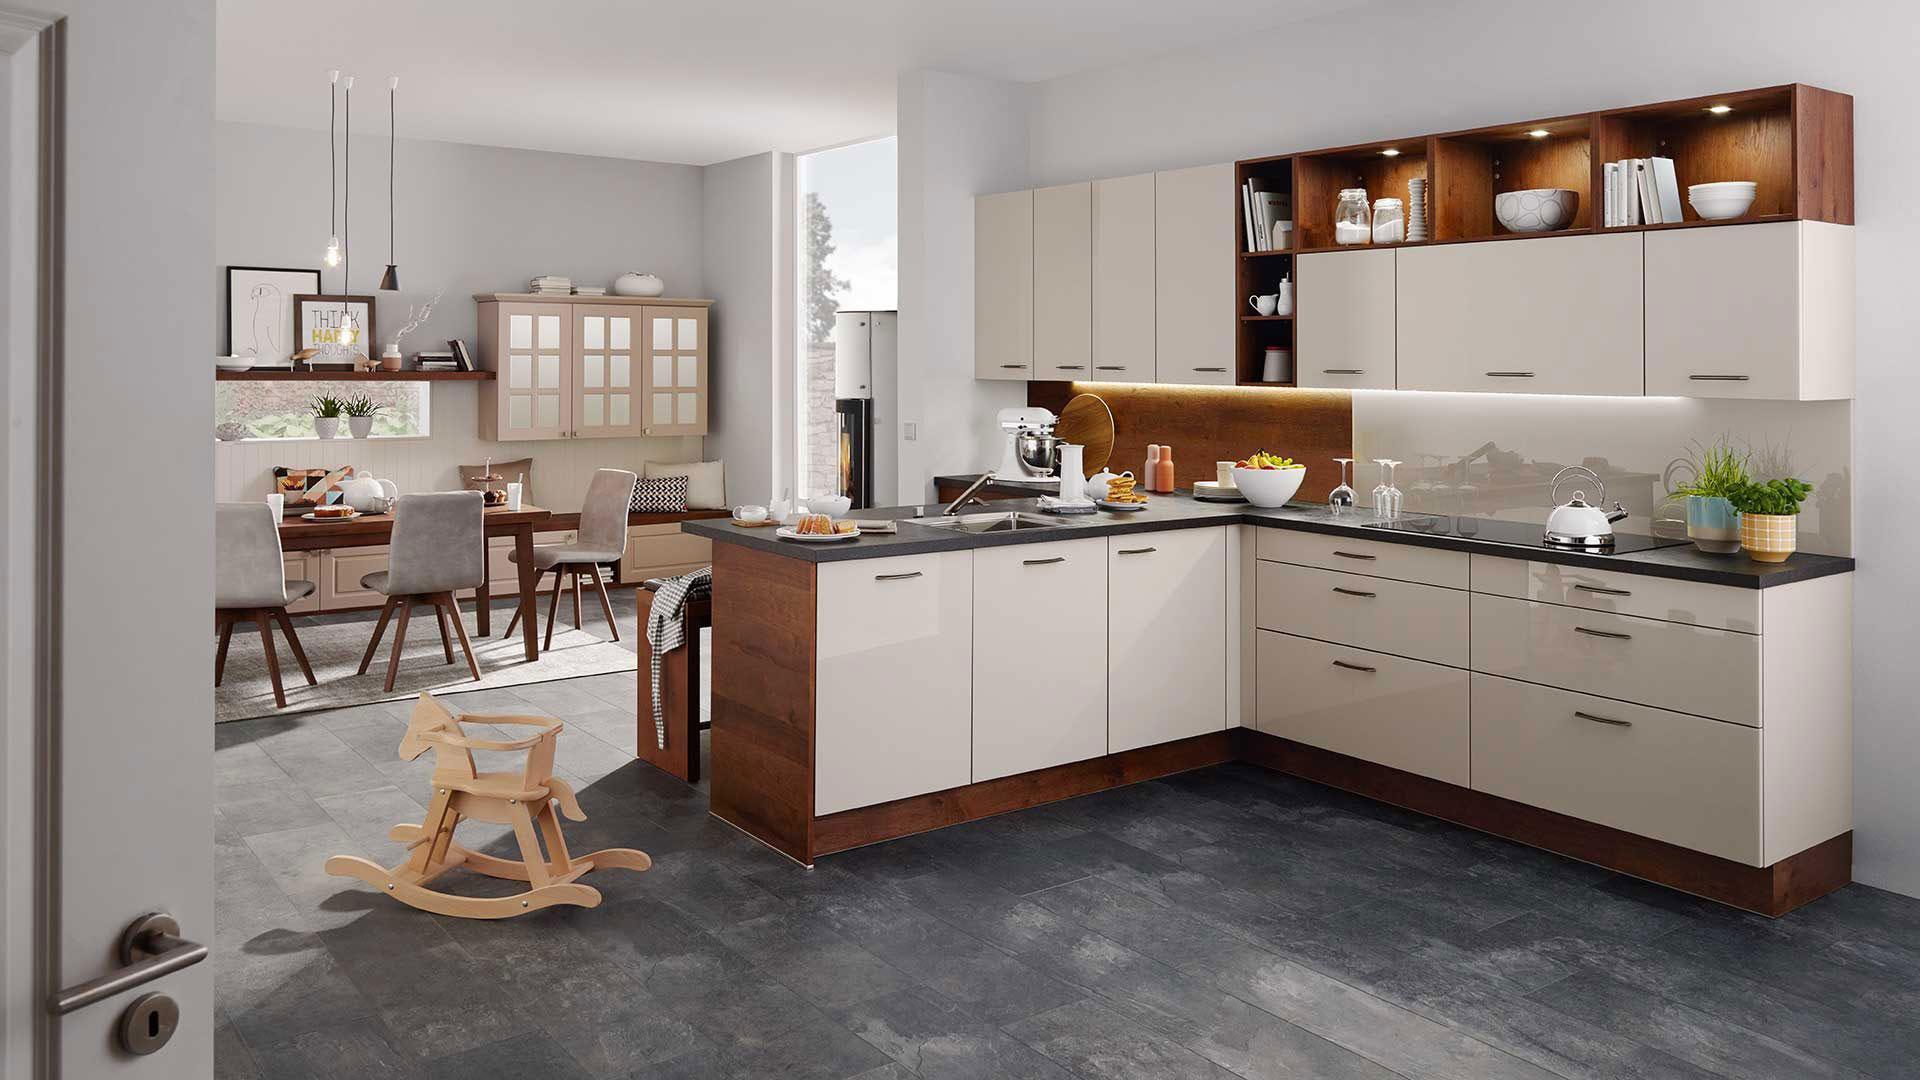 Moderner Küchenfußboden in Natursteinoptik - vielseitig kombinierbar